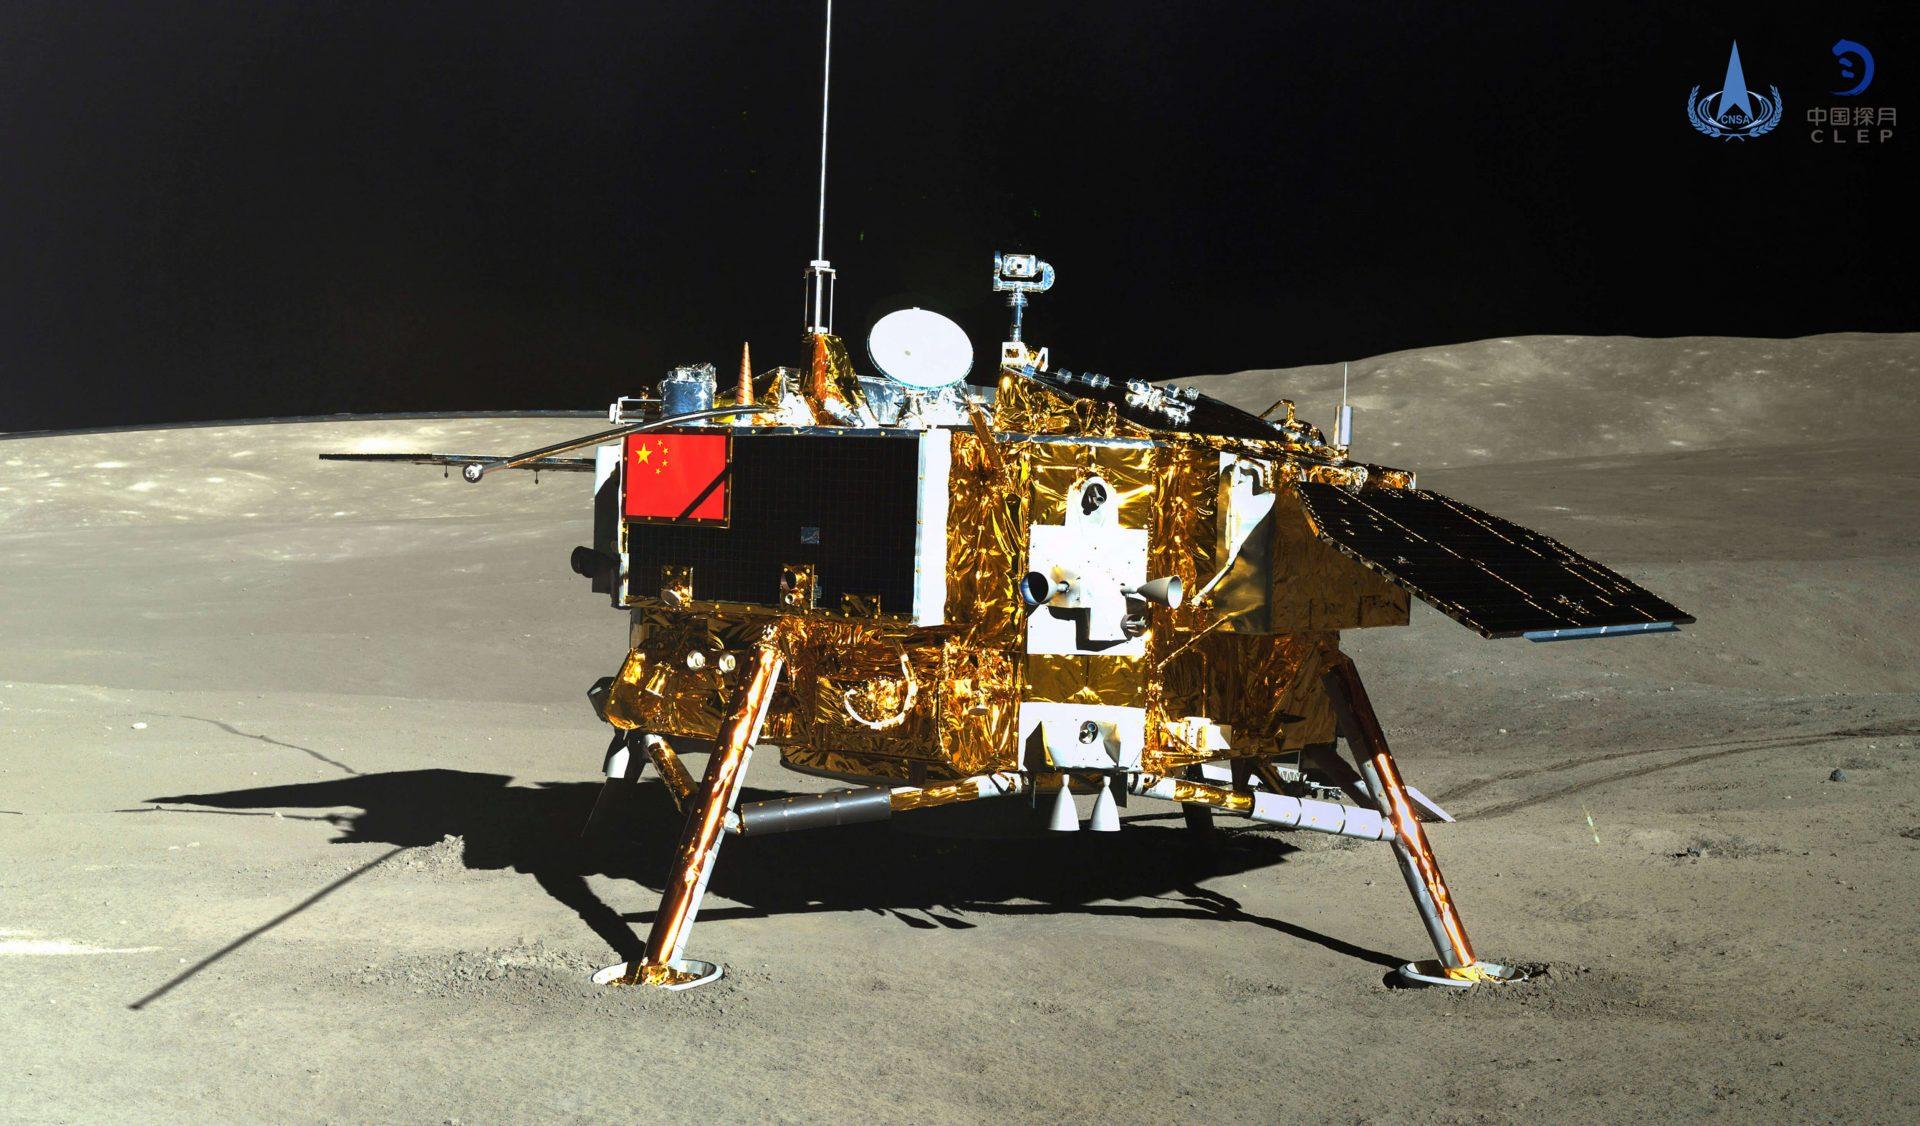 Sonda chinesa change 4 planta semente de algodão na lua 1